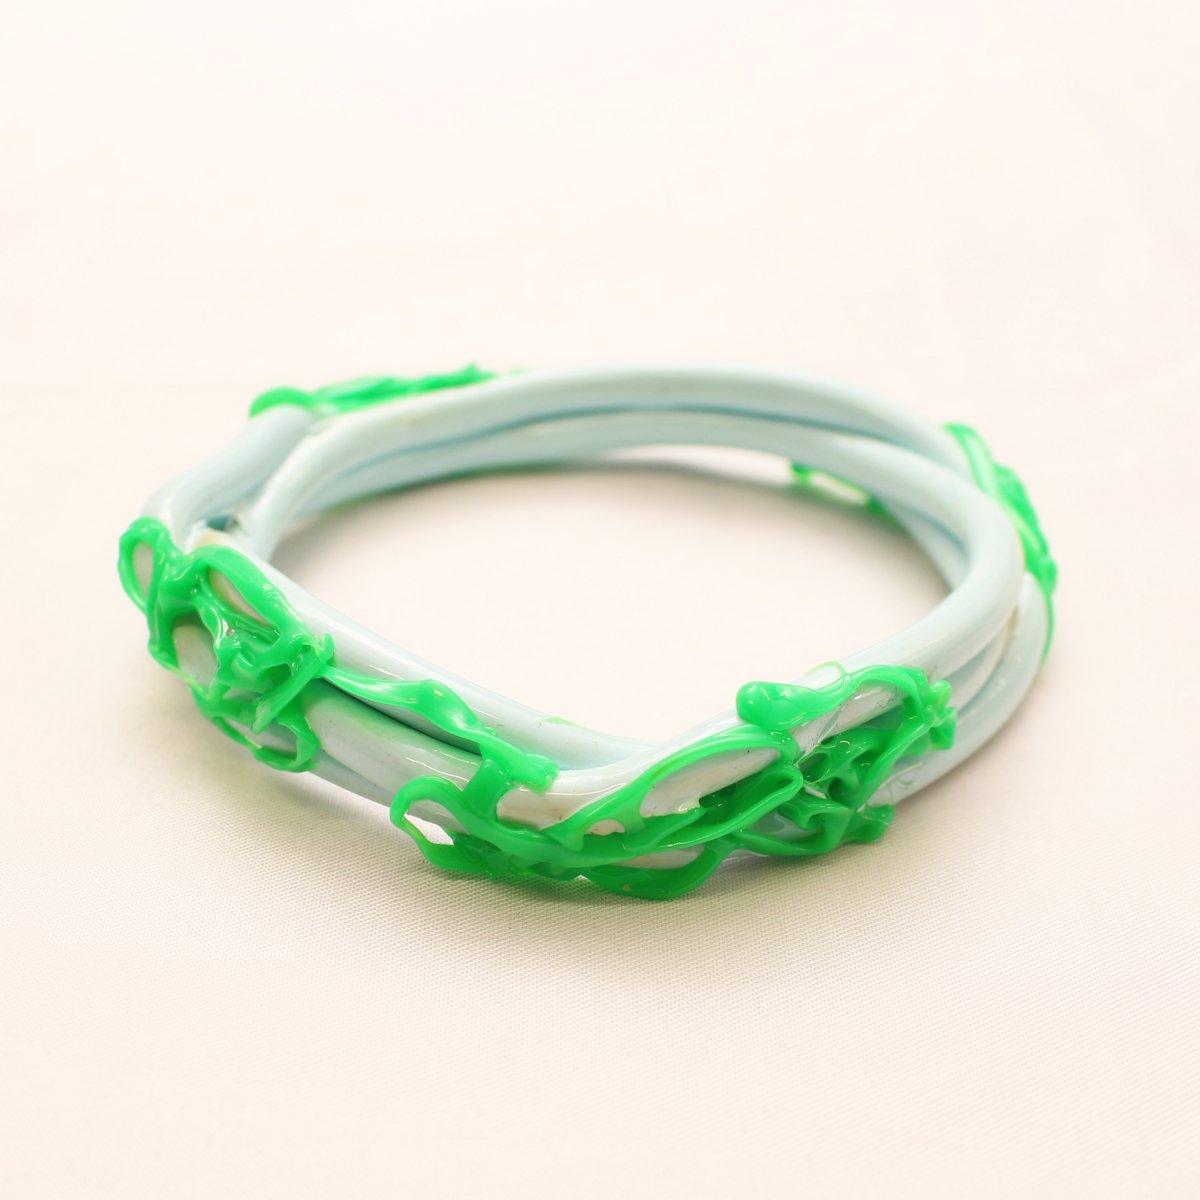 wrist bands【LIGHT BLUE ×GREEN】